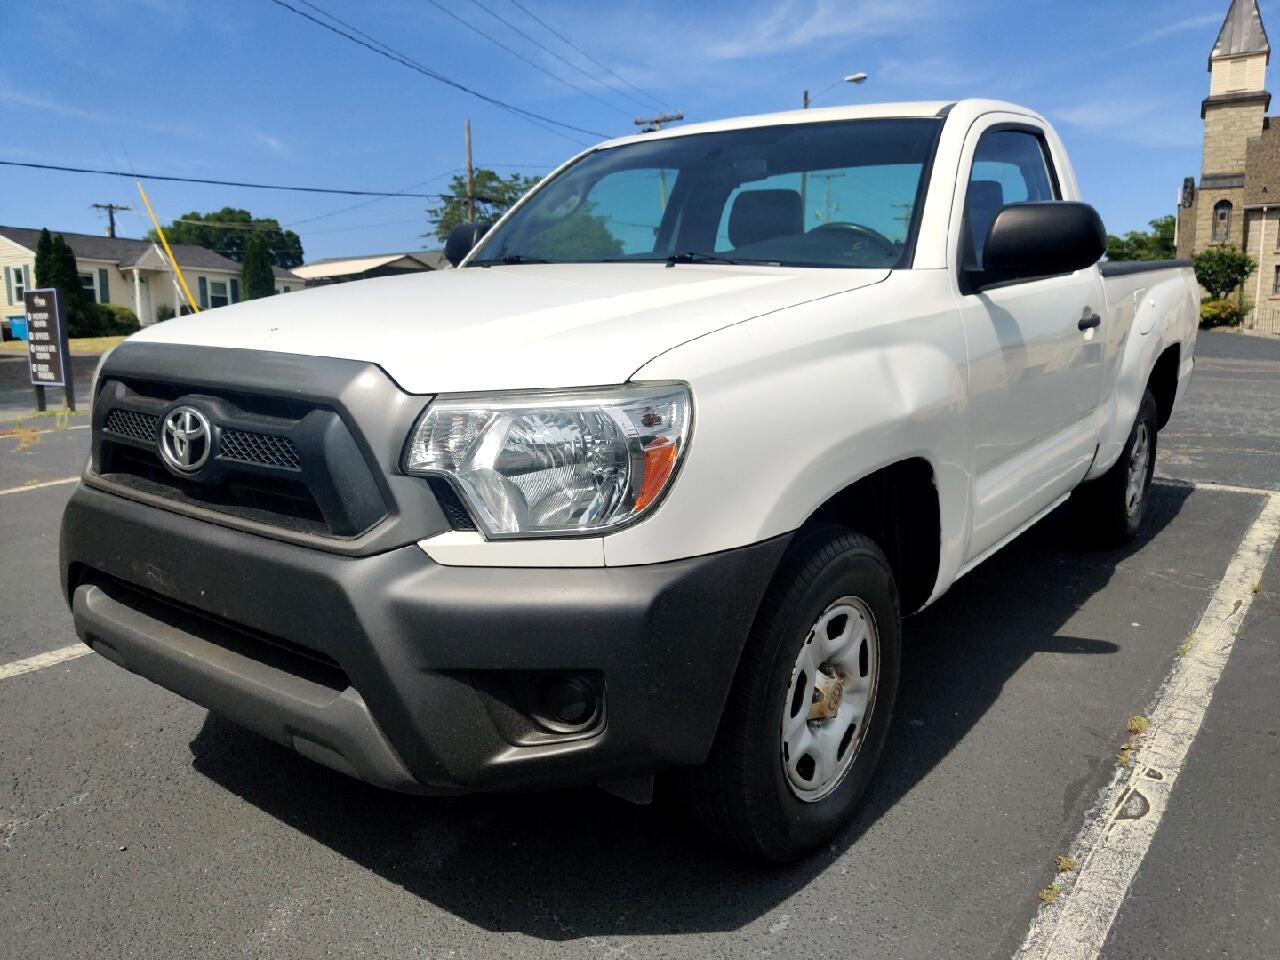 Toyota Tacoma Regular Cab I4 Automatic 2WD 2014